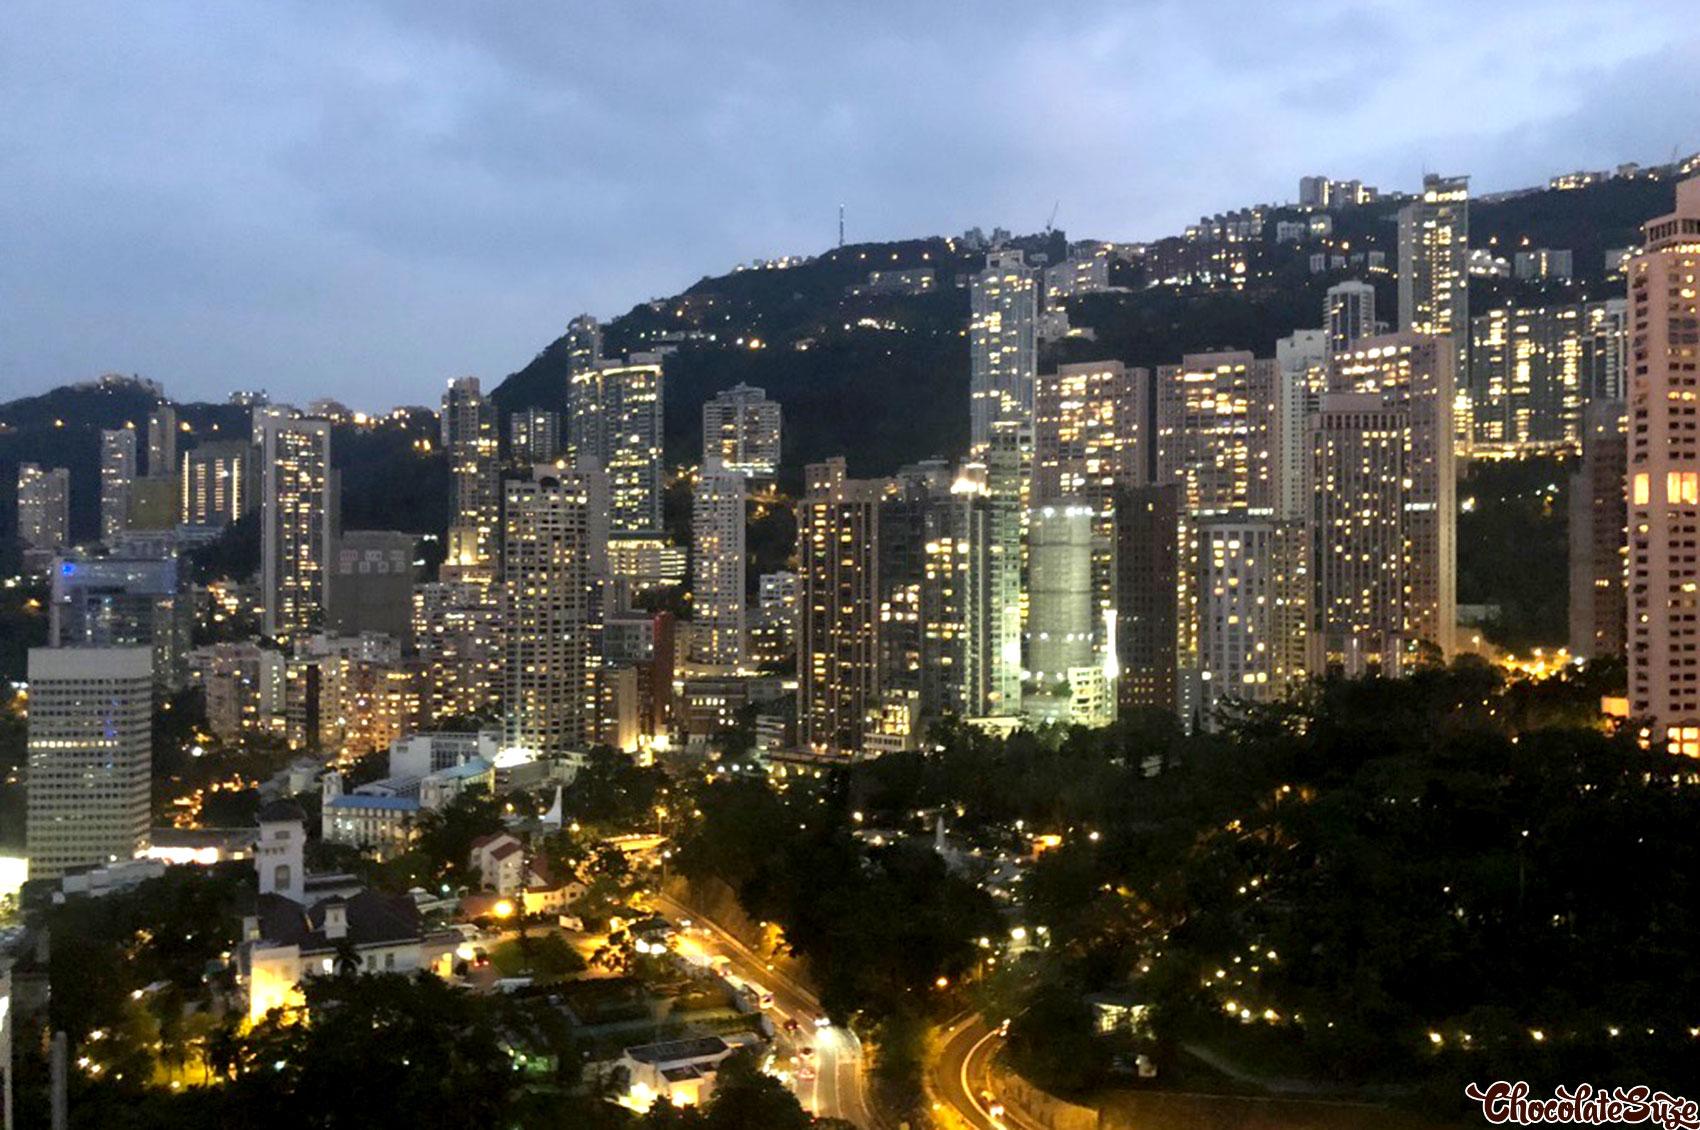 Hong Kong, nightscape